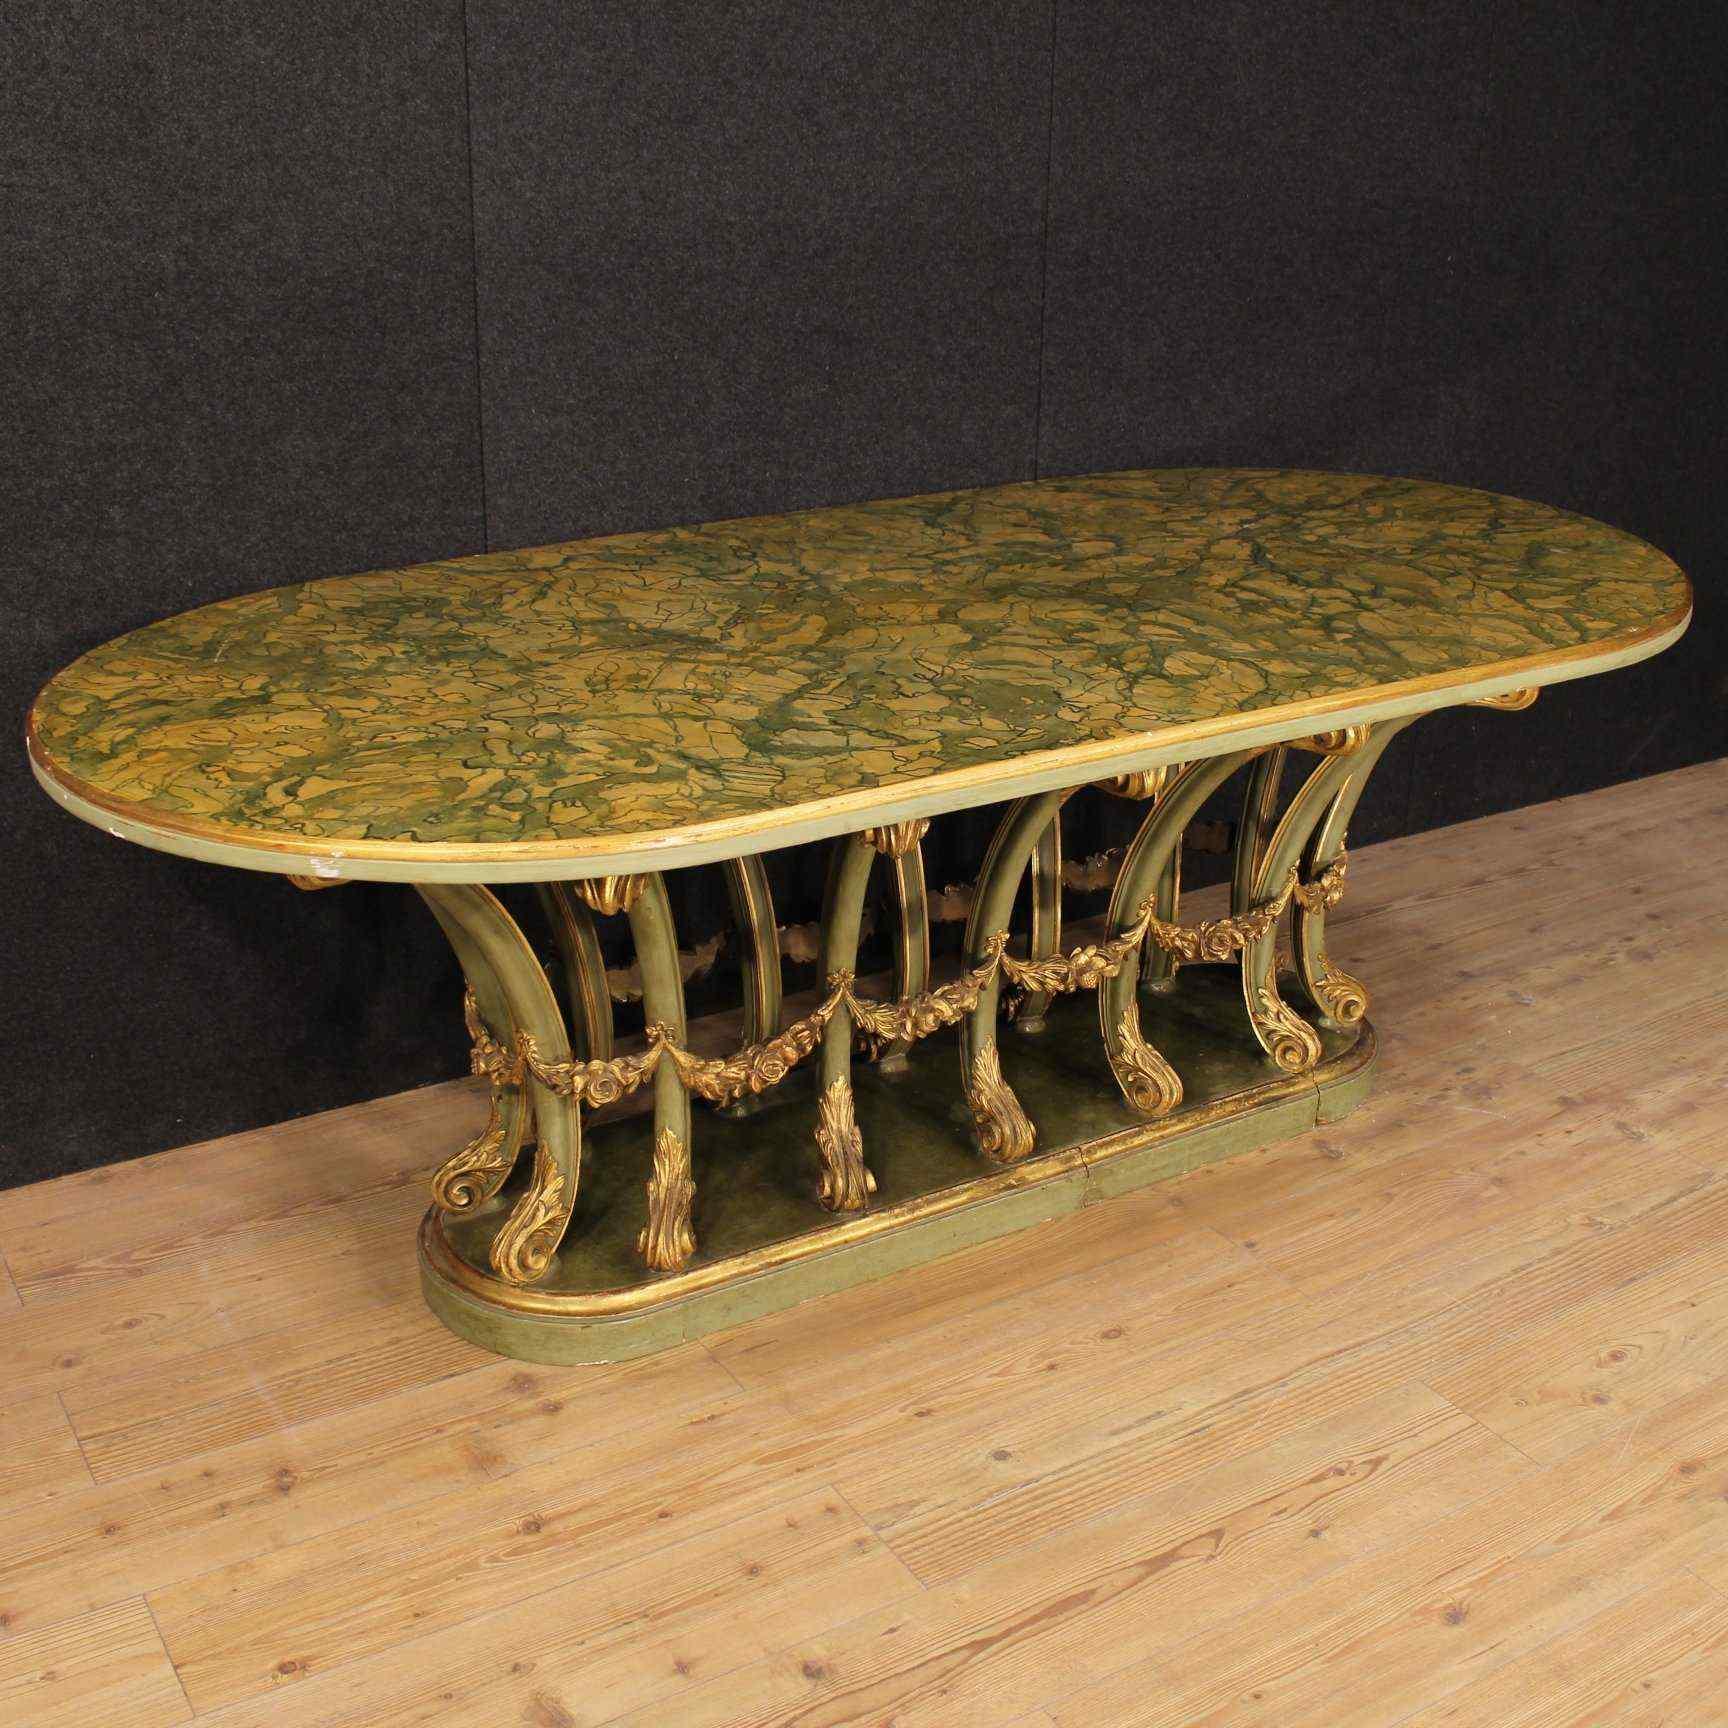 Tavolo italiano in legno laccato e dorato del XX secolo